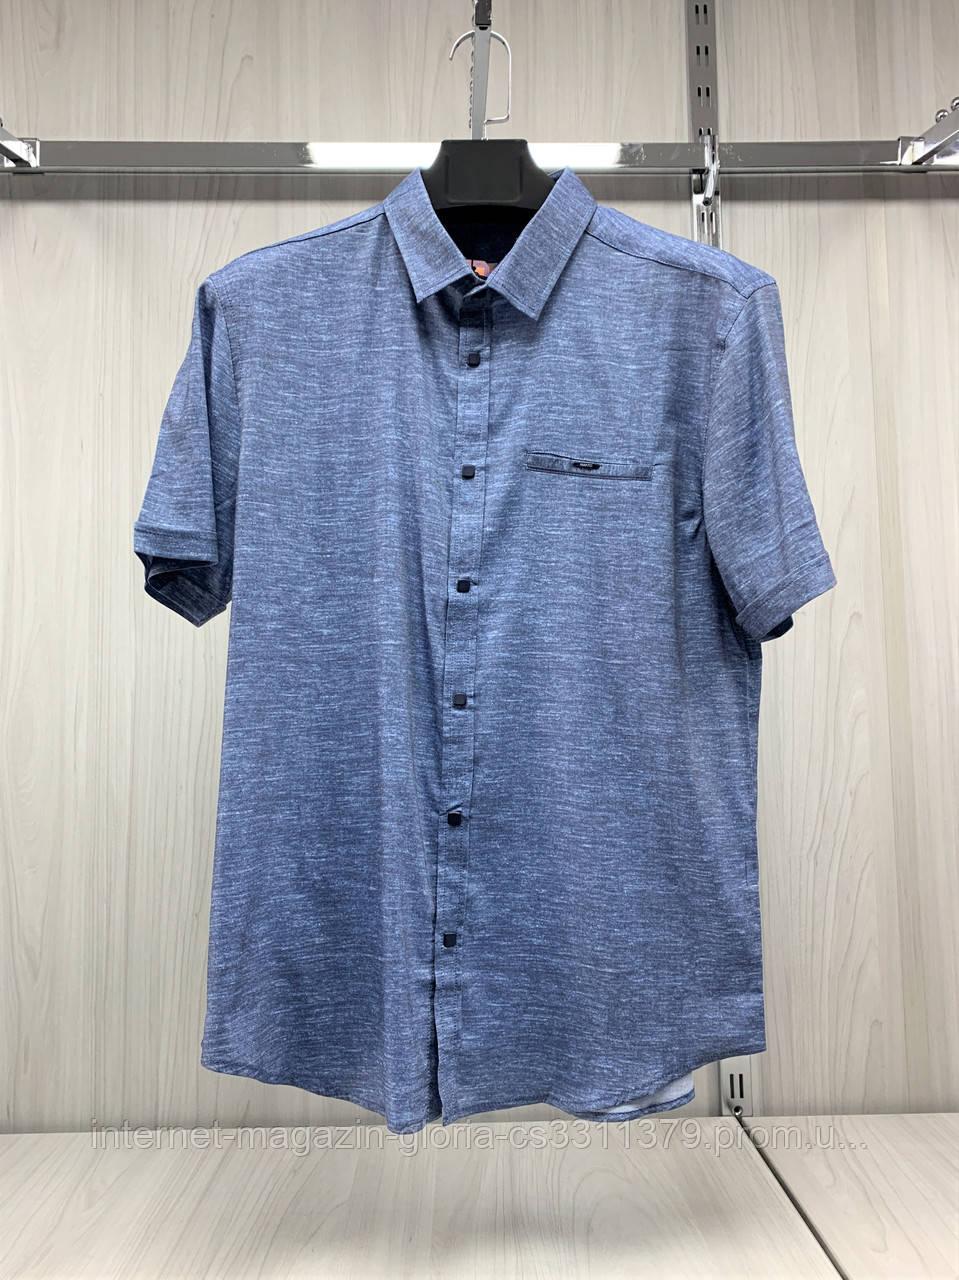 Мужская рубашка Amato. AG.KG19638-v03. Размеры: M,L,XL,XXL.